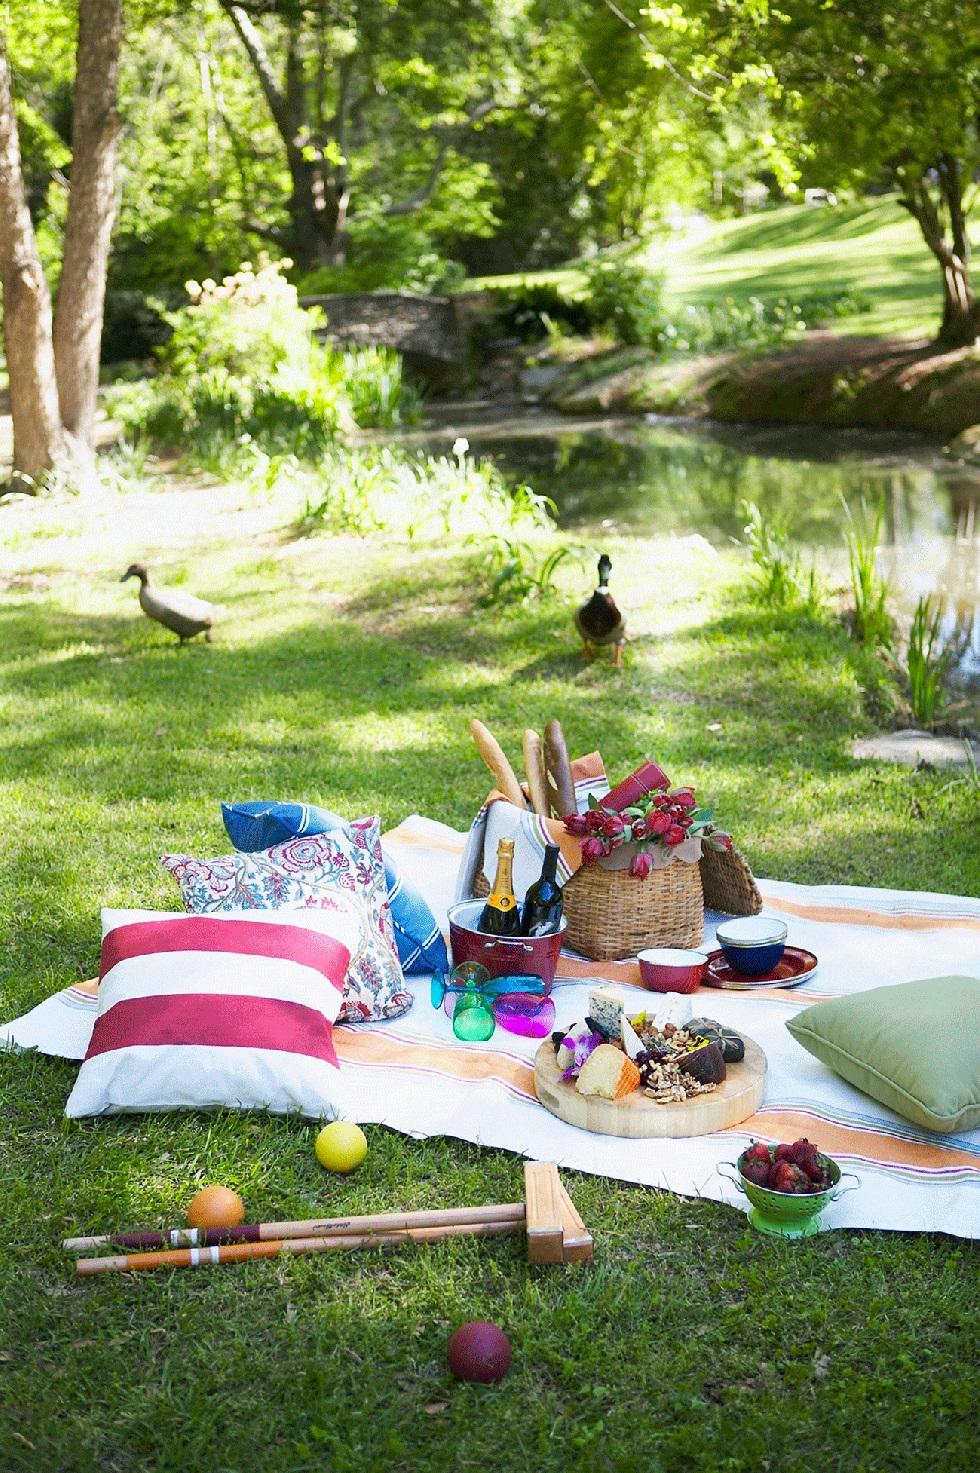 天气好个晴 一起野餐可好?